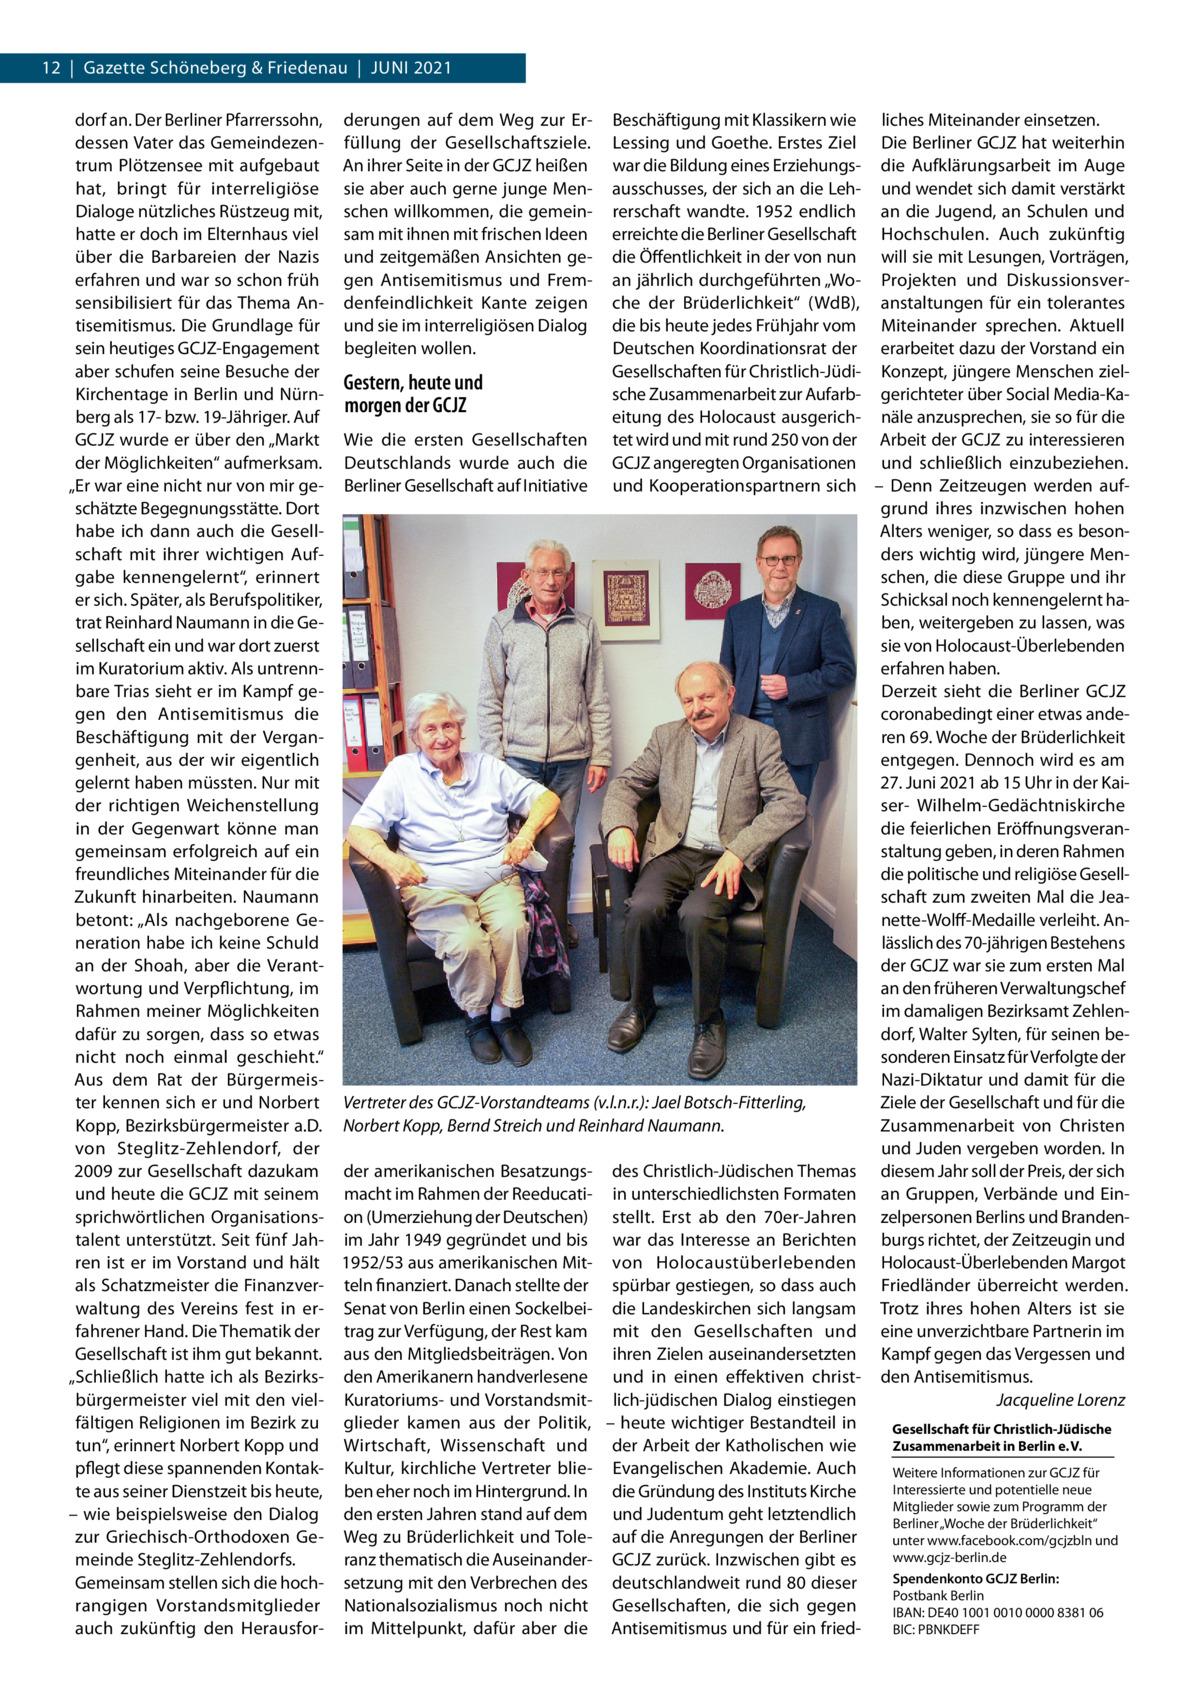 """12 Gazette Schöneberg & Friedenau Juni 2021 dorf an. Der Berliner Pfarrerssohn, derungen auf dem Weg zur Er- Beschäftigung mit Klassikern wie liches Miteinander einsetzen. dessen Vater das Gemeindezen- füllung der Gesellschaftsziele. Lessing und Goethe. Erstes Ziel Die Berliner GCJZ hat weiterhin trum Plötzensee mit aufgebaut An ihrer Seite in der GCJZ heißen war die Bildung eines Erziehungs- die Aufklärungsarbeit im Auge hat, bringt für interreligiöse sie aber auch gerne junge Men- ausschusses, der sich an die Leh- und wendet sich damit verstärkt Dialoge nützliches Rüstzeug mit, schen willkommen, die gemein- rerschaft wandte. 1952 endlich an die Jugend, an Schulen und hatte er doch im Elternhaus viel sam mit ihnen mit frischen Ideen erreichte die Berliner Gesellschaft Hochschulen. Auch zukünftig über die Barbareien der Nazis und zeitgemäßen Ansichten ge- die Öffentlichkeit in der von nun will sie mit Lesungen, Vorträgen, erfahren und war so schon früh gen Antisemitismus und Frem- an jährlich durchgeführten """"Wo- Projekten und Diskussionsversensibilisiert für das Thema An- denfeindlichkeit Kante zeigen che der Brüderlichkeit"""" (WdB), anstaltungen für ein tolerantes tisemitismus. Die Grundlage für und sie im interreligiösen Dialog die bis heute jedes Frühjahr vom Miteinander sprechen. Aktuell sein heutiges GCJZ-Engagement begleiten wollen. Deutschen Koordinationsrat der erarbeitet dazu der Vorstand ein aber schufen seine Besuche der Gesellschaften für Christlich-Jüdi- Konzept, jüngere Menschen zielGestern, heute und Kirchentage in Berlin und Nürnsche Zusammenarbeit zur Aufarb- gerichteter über Social Media-Kamorgen der GCJZ berg als 17- bzw. 19-Jähriger. Auf eitung des Holocaust ausgerich- näle anzusprechen, sie so für die GCJZ wurde er über den """"Markt Wie die ersten Gesellschaften tet wird und mit rund 250 von der Arbeit der GCJZ zu interessieren der Möglichkeiten"""" aufmerksam. Deutschlands wurde auch die GCJZ angeregten Organisationen und schließlich einzubeziehen. """"E"""